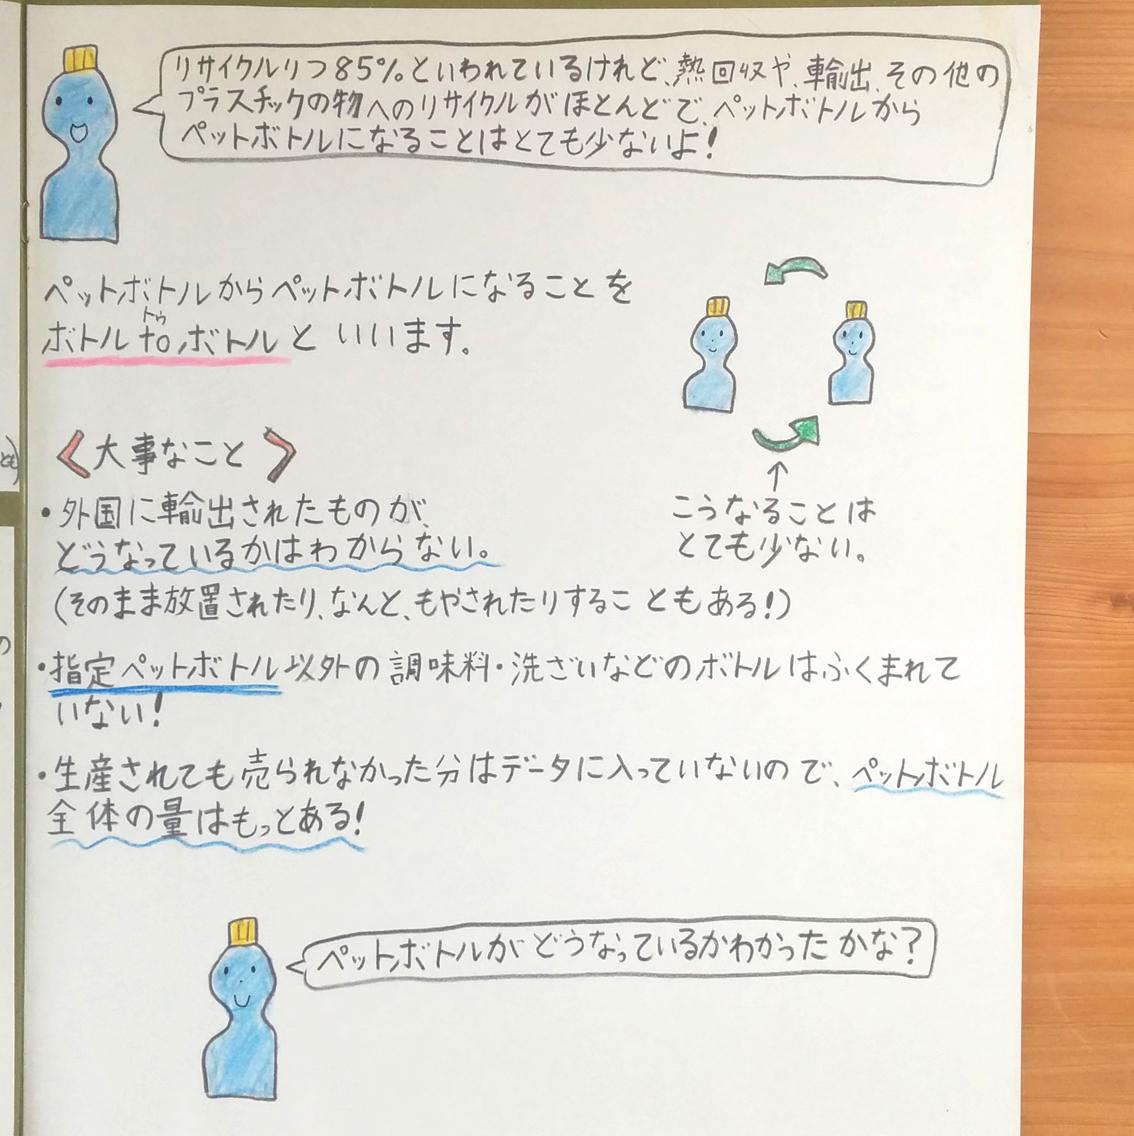 f:id:haruya-oyako:20210830102656j:plain